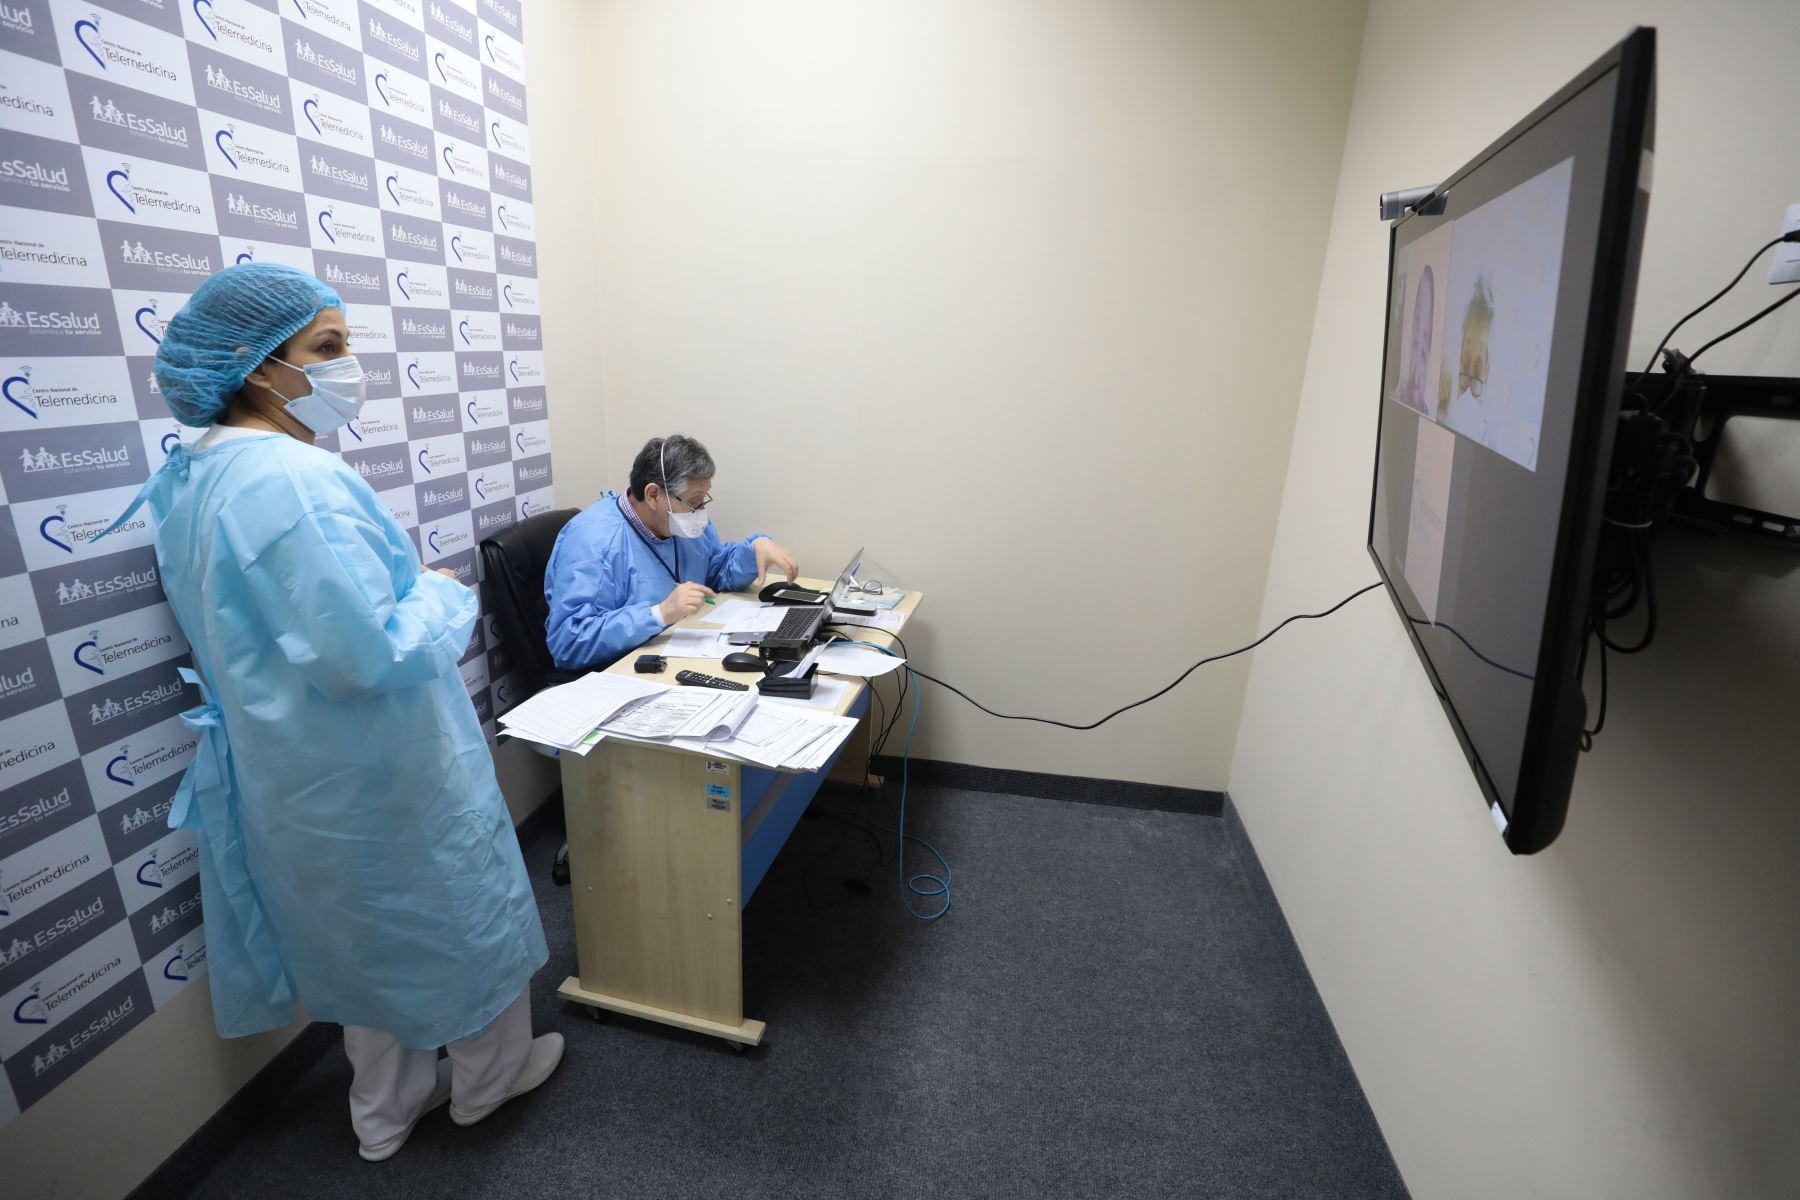 A través del uso de las tecnologías de la información y comunicación, se garantiza la atención de pacientes eliminando los riesgos de contagio del SARS-COV2 a los beneficiarios. Foto: Essalud